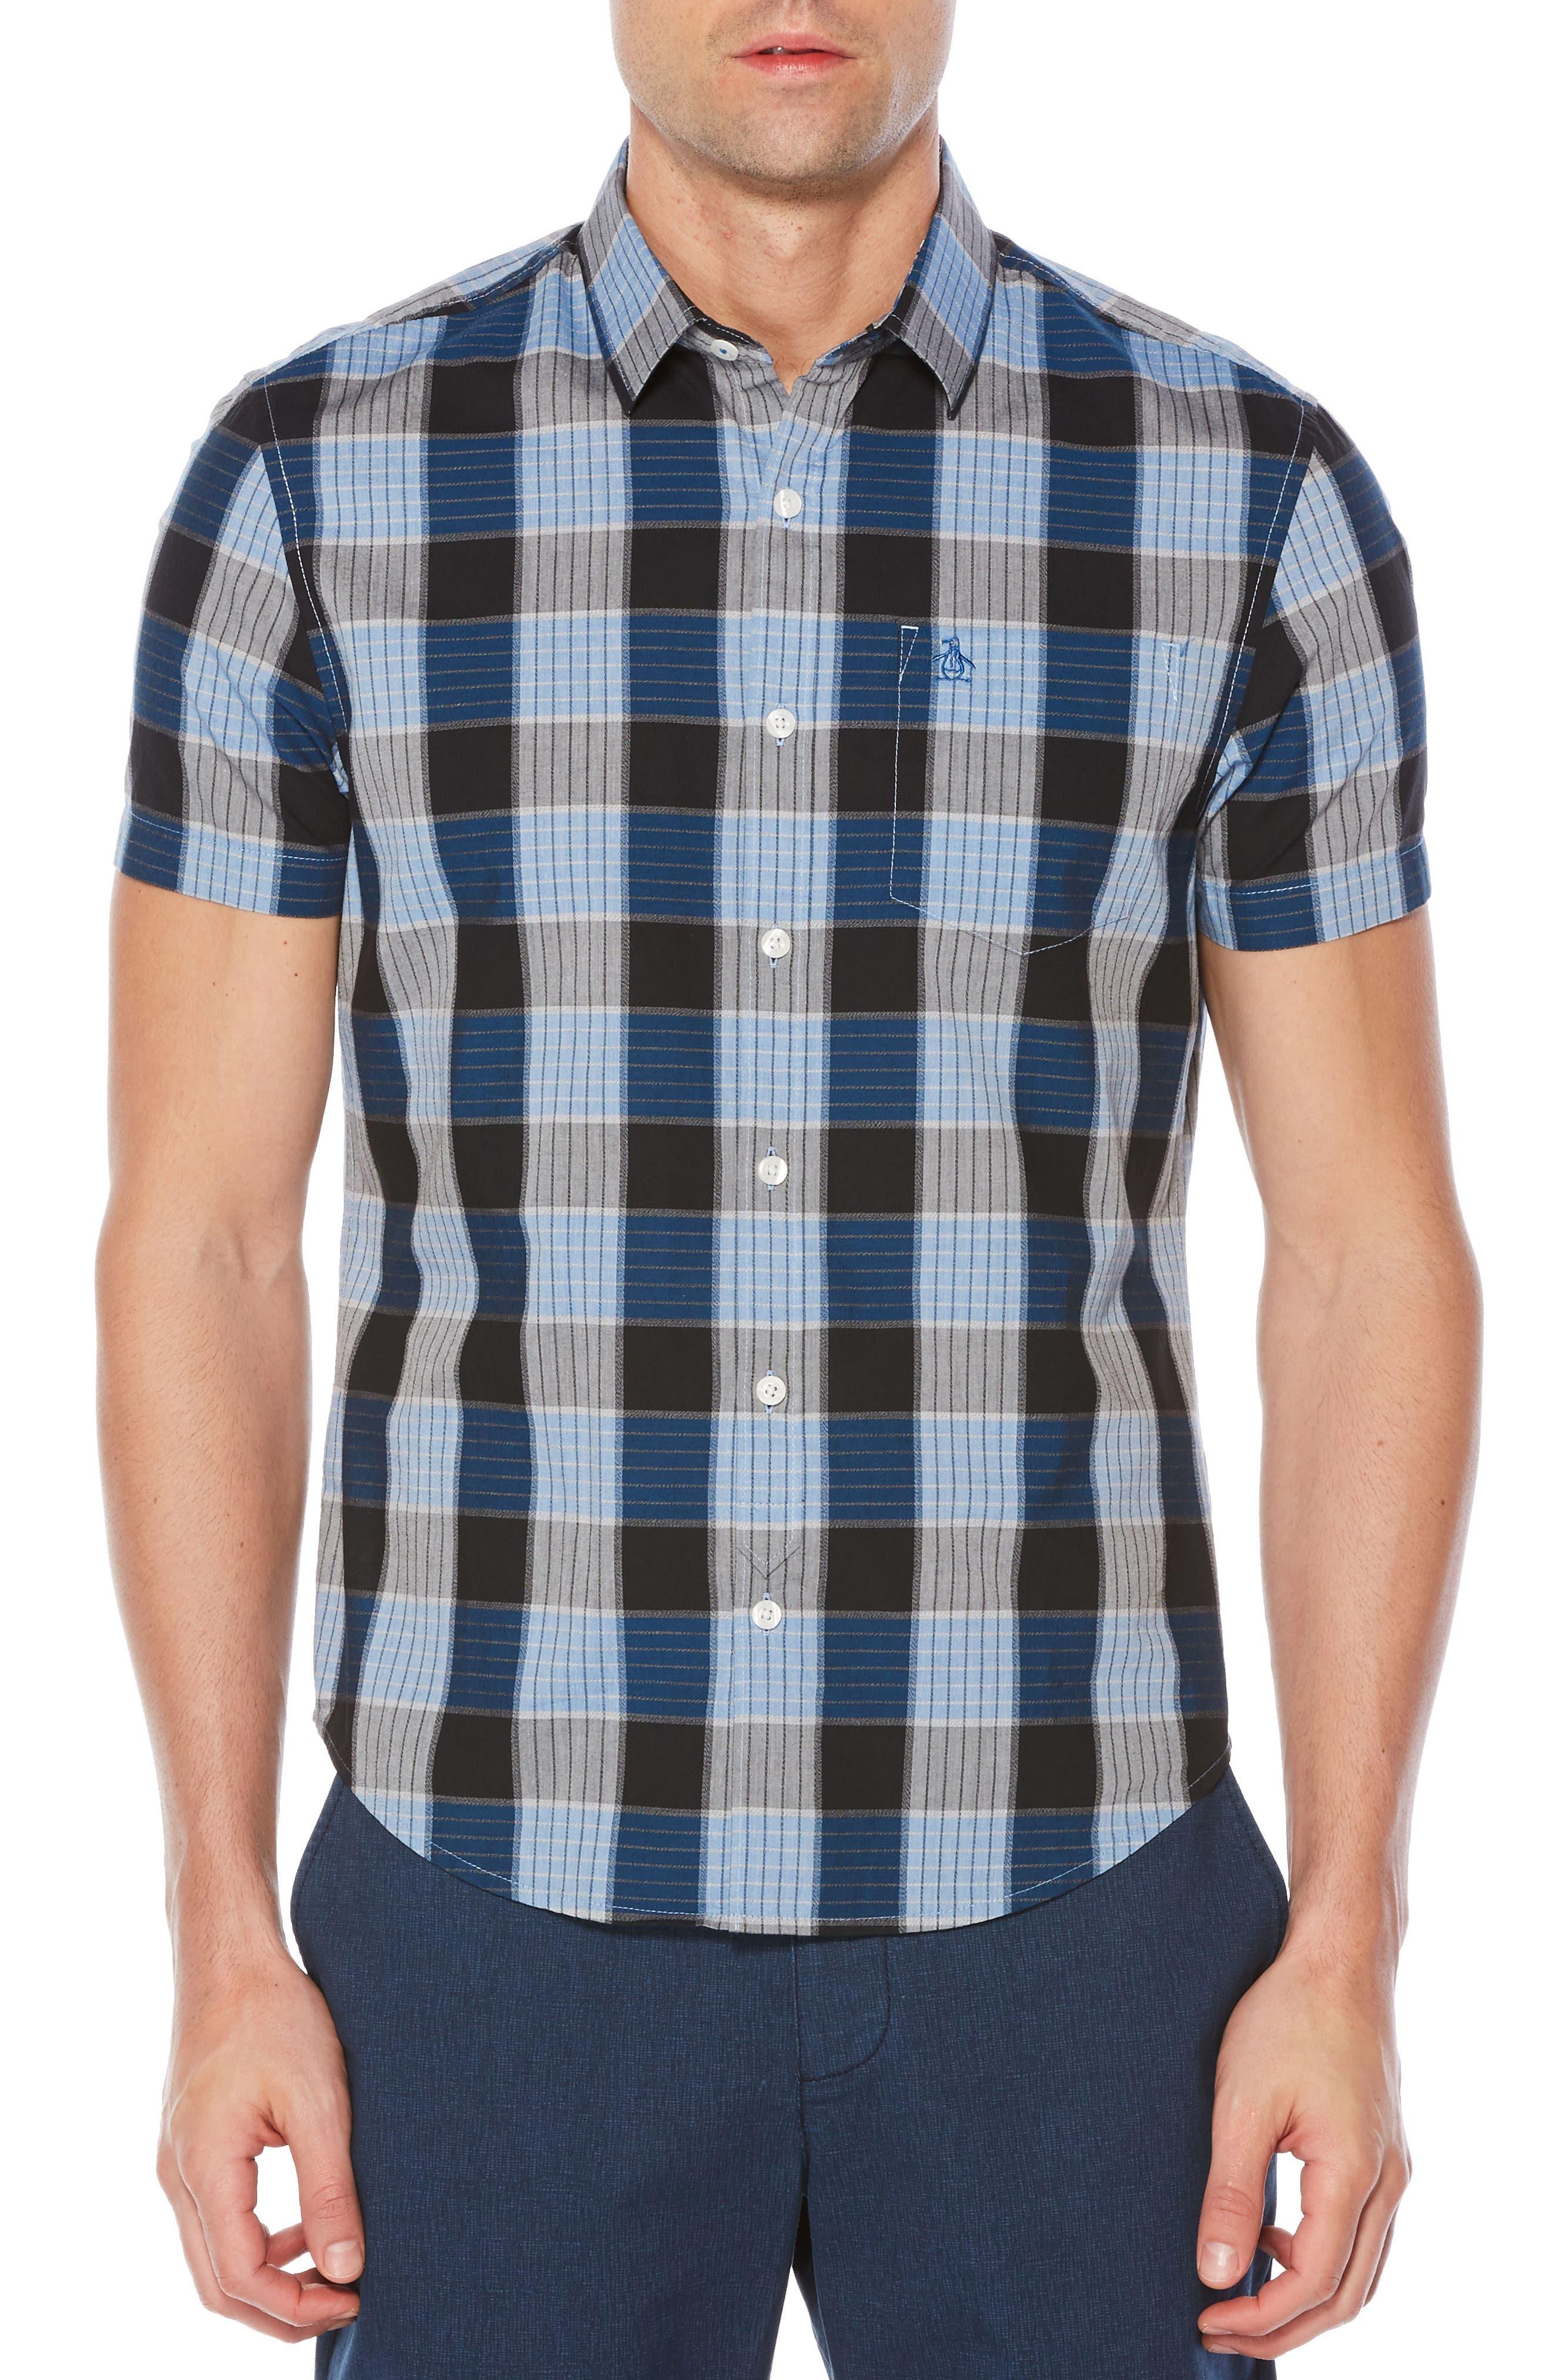 Jaspé Plaid Slim Fit Shirt,                         Main,                         color, Snorkel Blue